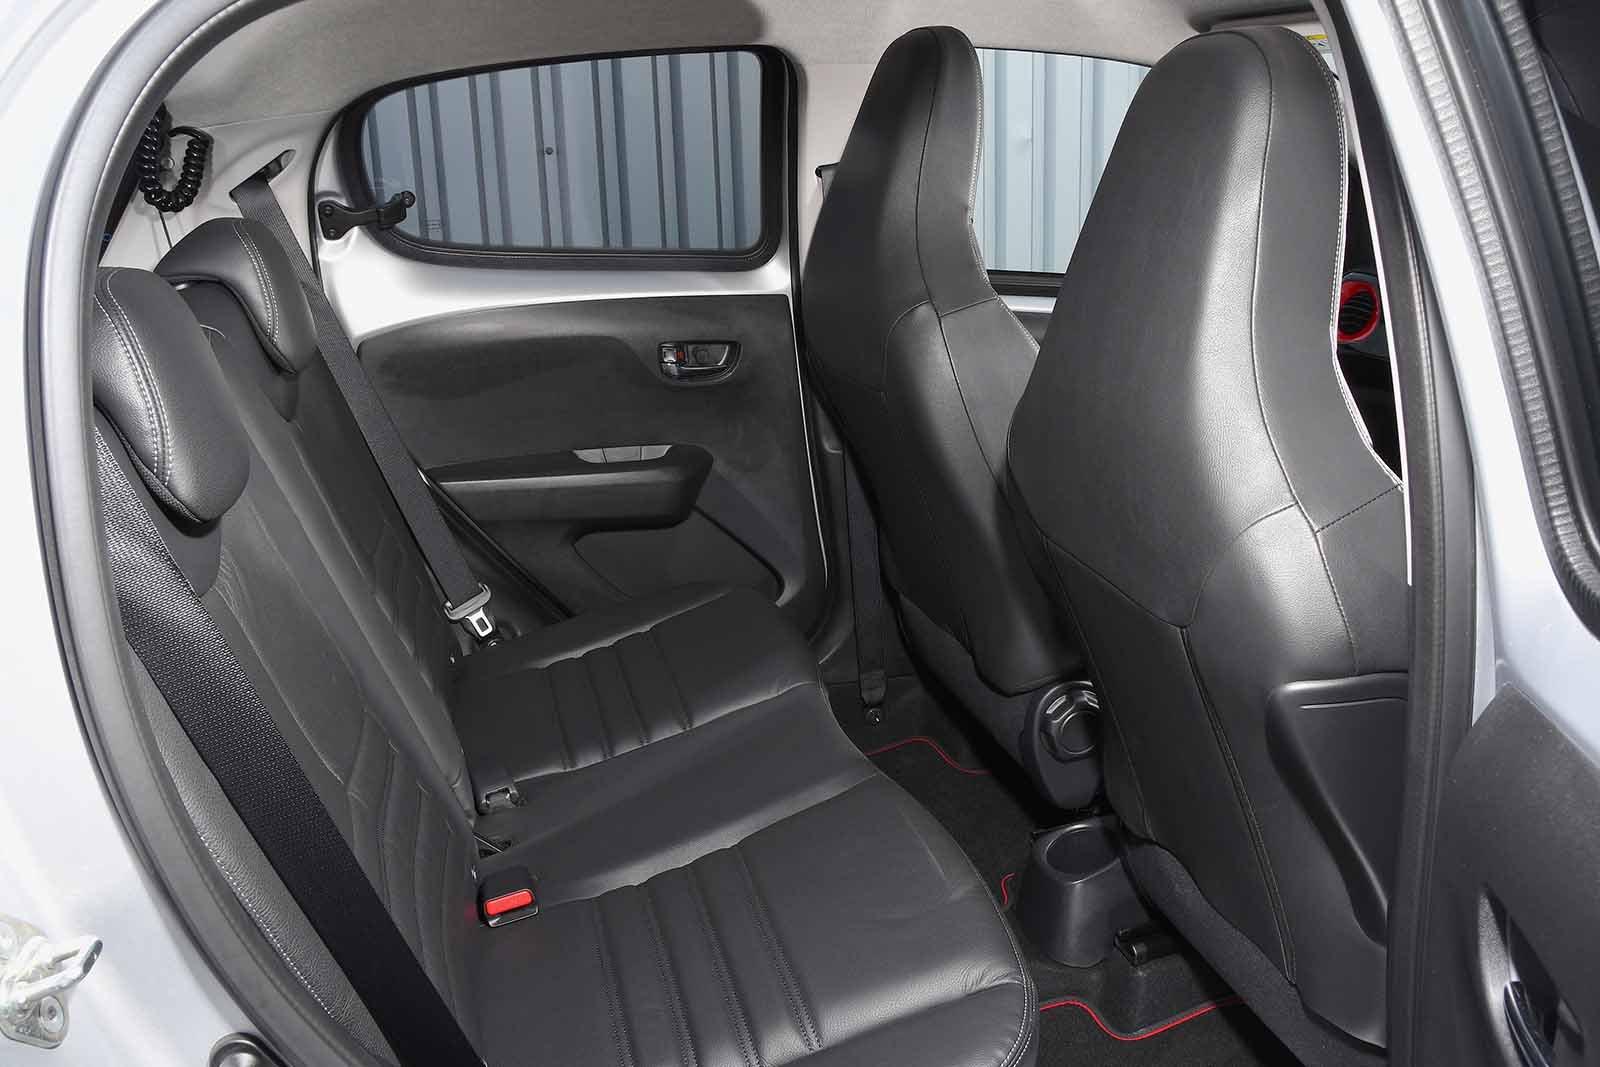 Peugeot 108 2018 RHD rear seats